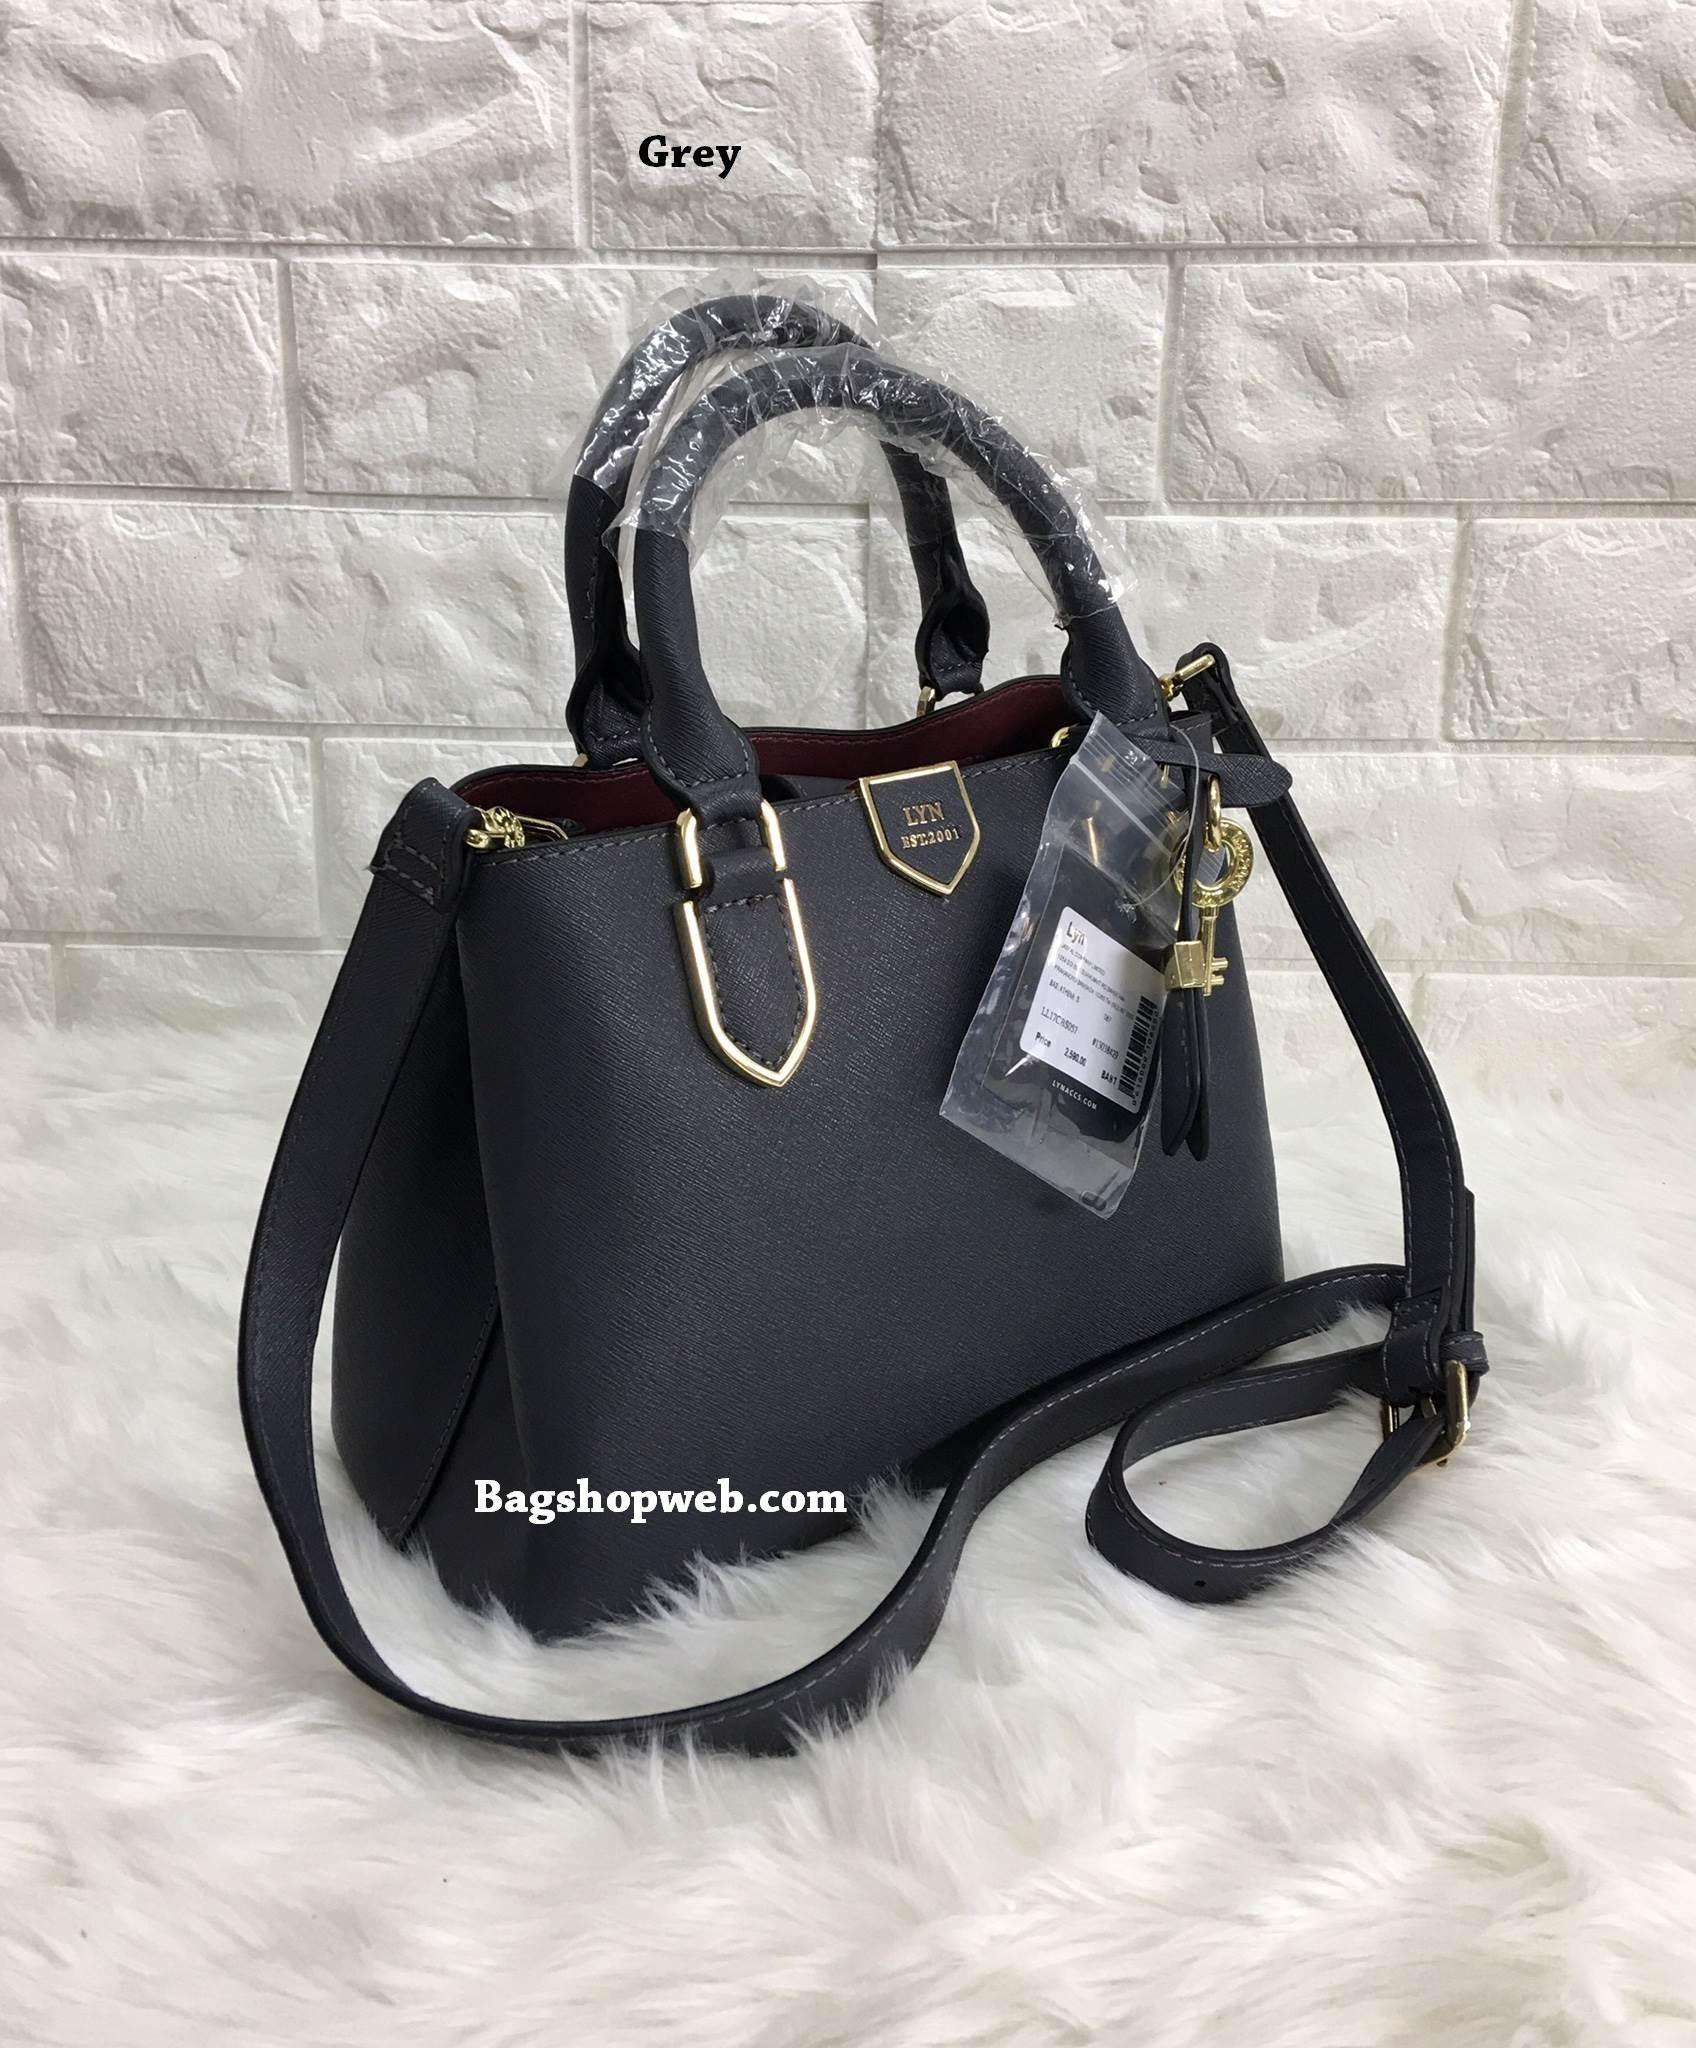 LYN ATHENA S BAG 2017 กระเป๋าถือหรือสะพาย หนังนิ่มทรงสวย